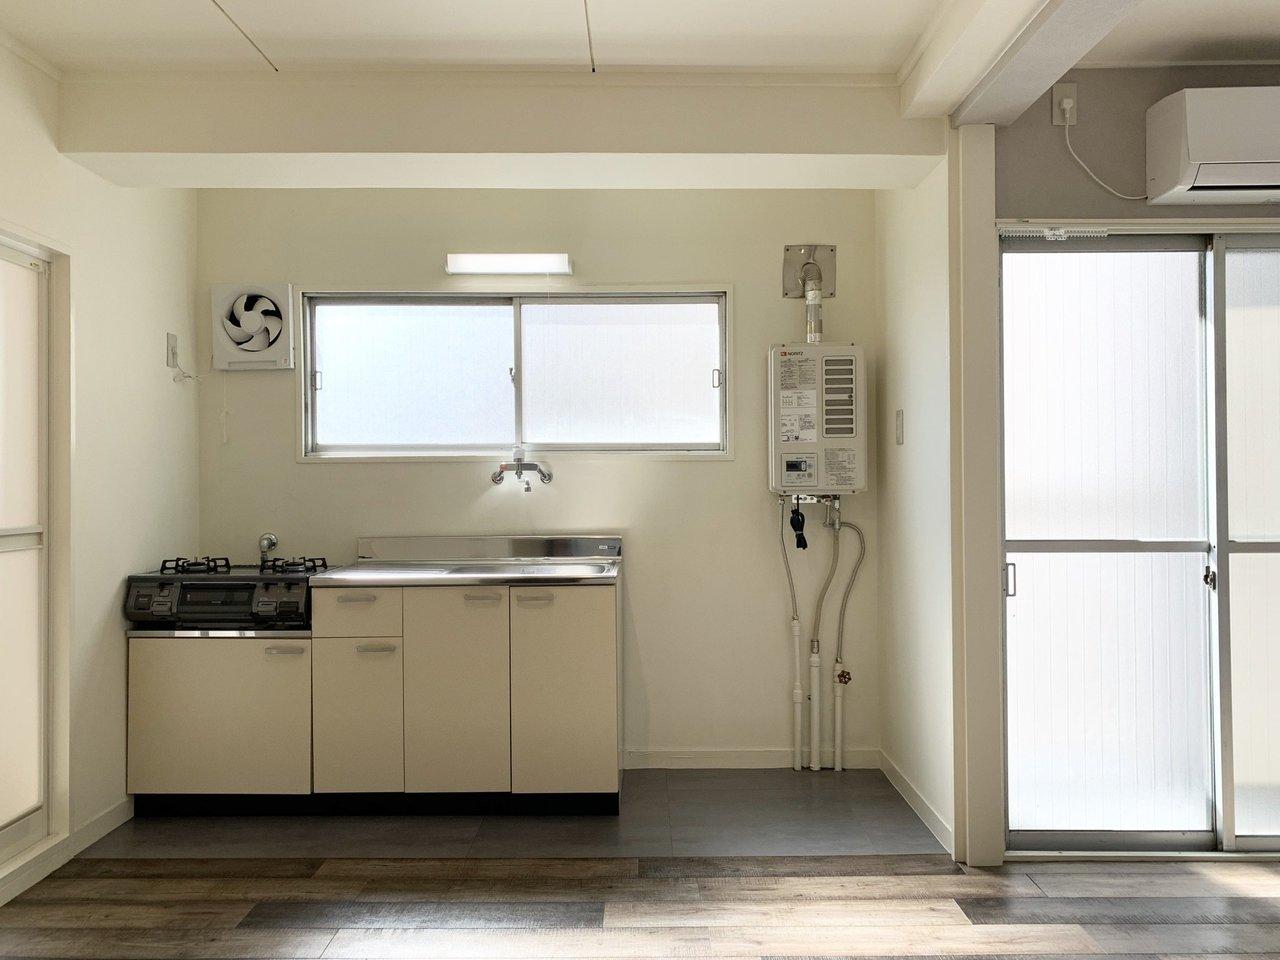 室内だけでなく、キッチン周りにも小窓が付いているので、部屋全体が明るい印象。2口のガスコンロもついていて、作業スペースも広々。自炊派の方にはうれしい設備です。